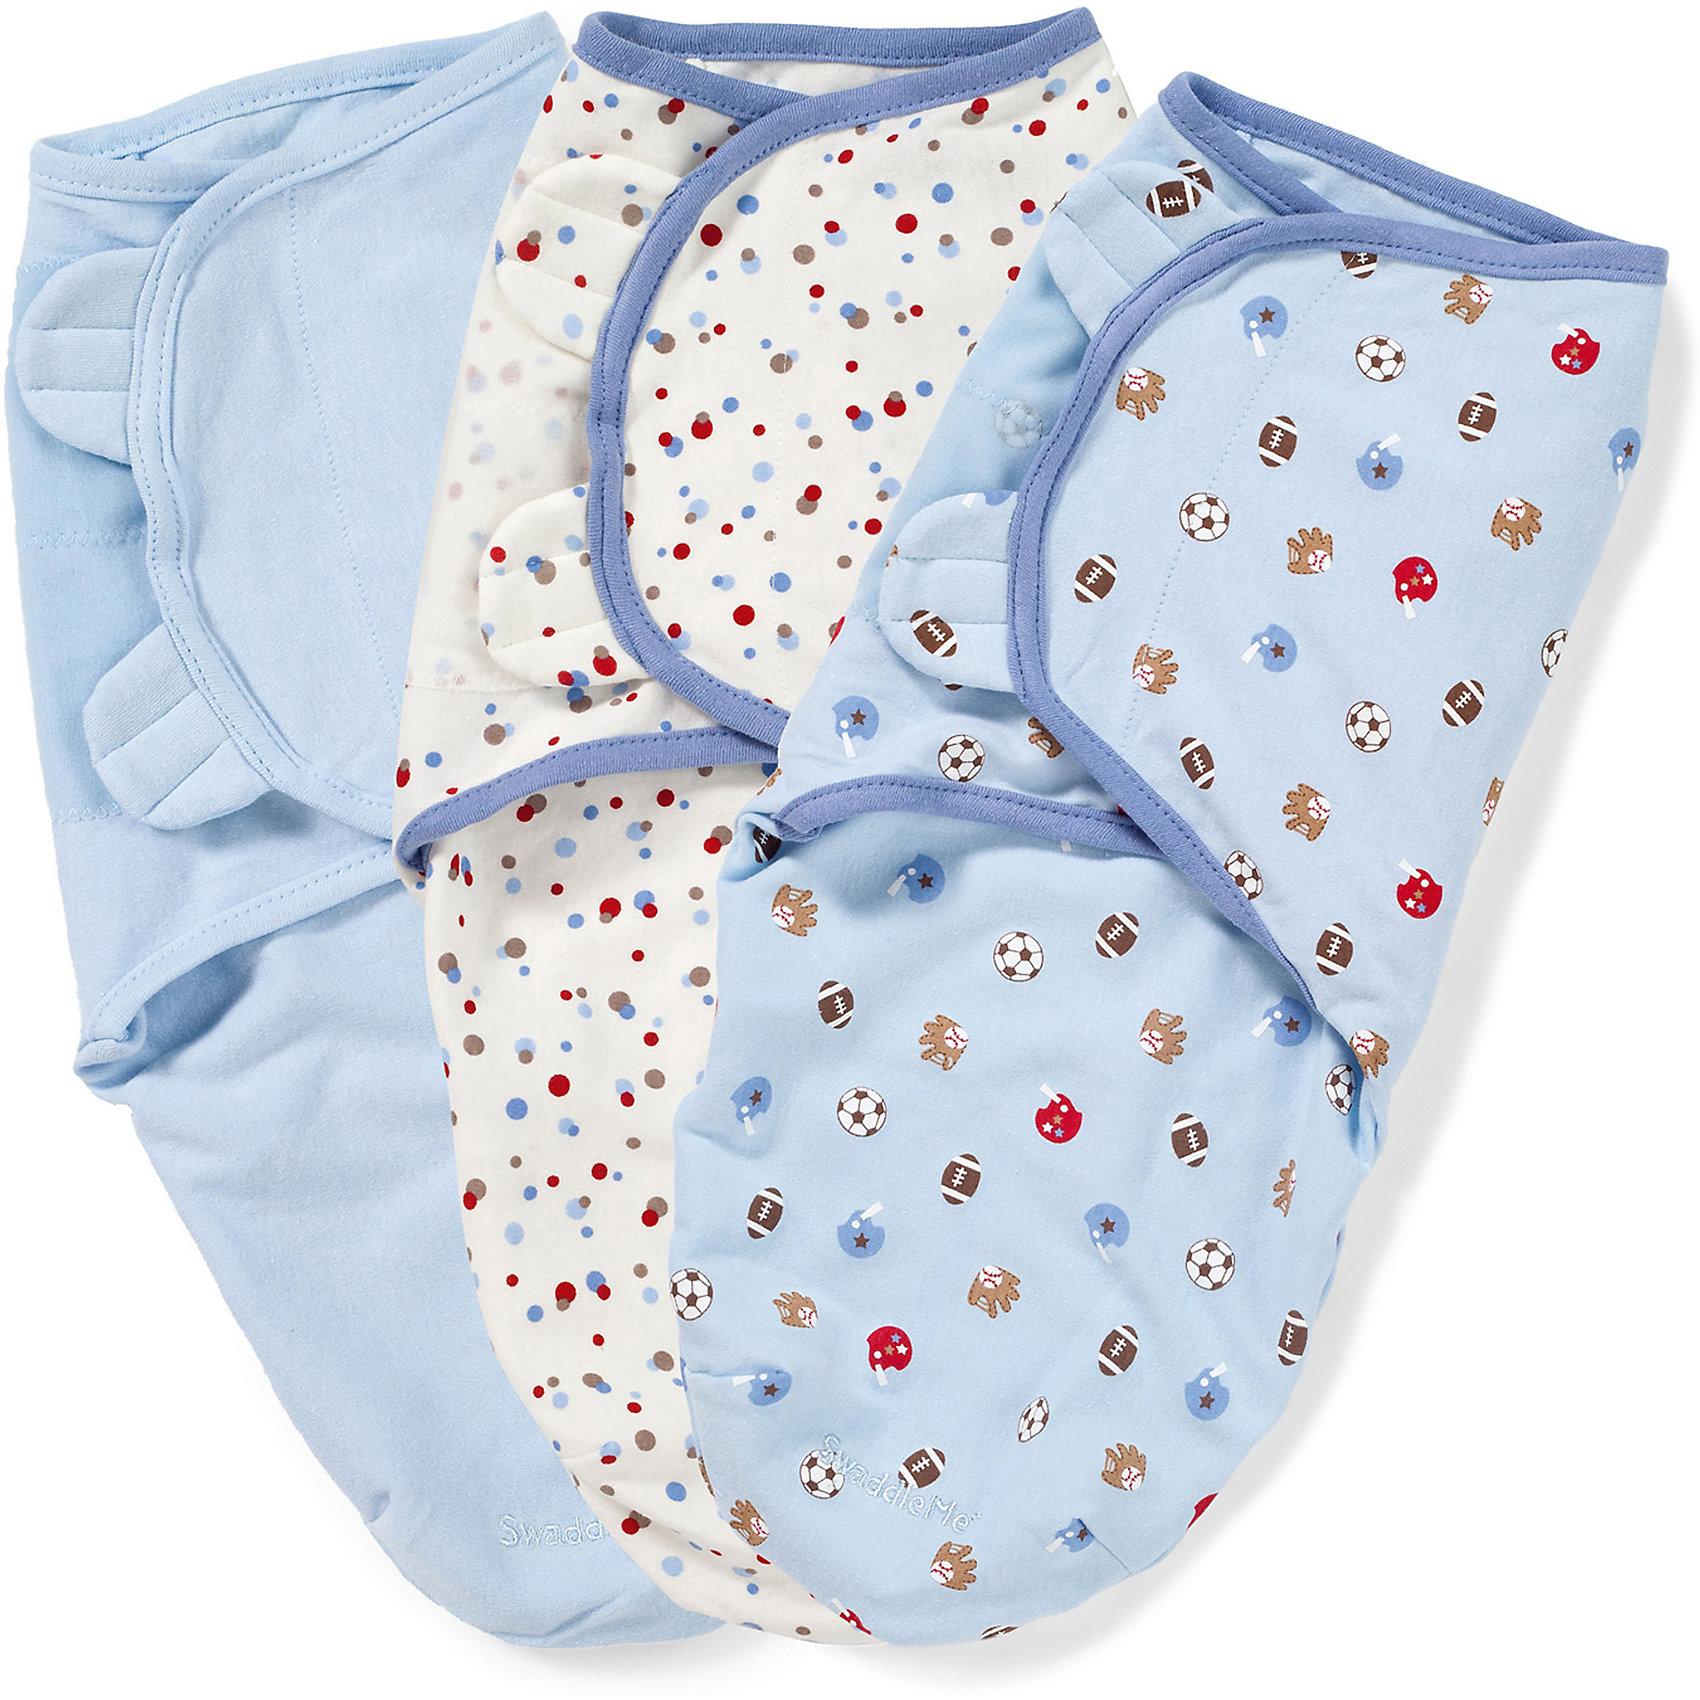 Конверт для пеленания на липучке, SWADDLEME®, р-р S/M, 3 шт., спортПеленание<br>Пеленание успокаивает новорожденных путем воссоздания знакомых ему чувств, как в утробе мамы.<br>Мягко облегая, конверт не ограничивает движение ребенка, и в тоже время помогает снизить рефлекс внезапного вздрагивания, благодаря этому сон малыша и родителей будет более крепким.<br>Регулируемые крылья для закрытия конверта сделаны таким образом, что даже самый активный ребенок не сможет распеленаться во время сна.<br>Объятия крыльев регулируются по мере роста ребенка.<br>Конверт можно открыть в области ног малыша для легкой смены подгузников - нет необходимости разворачивать детские ручки.<br>Состав: хлопок и нити эластана. <br>Длина конверта: 50 см (размер S/M). Подходит для малышей среднего размера от 3 до 7 кг<br><br>Ширина мм: 220<br>Глубина мм: 220<br>Высота мм: 50<br>Вес г: 540<br>Возраст от месяцев: 0<br>Возраст до месяцев: 6<br>Пол: Мужской<br>Возраст: Детский<br>SKU: 4331814